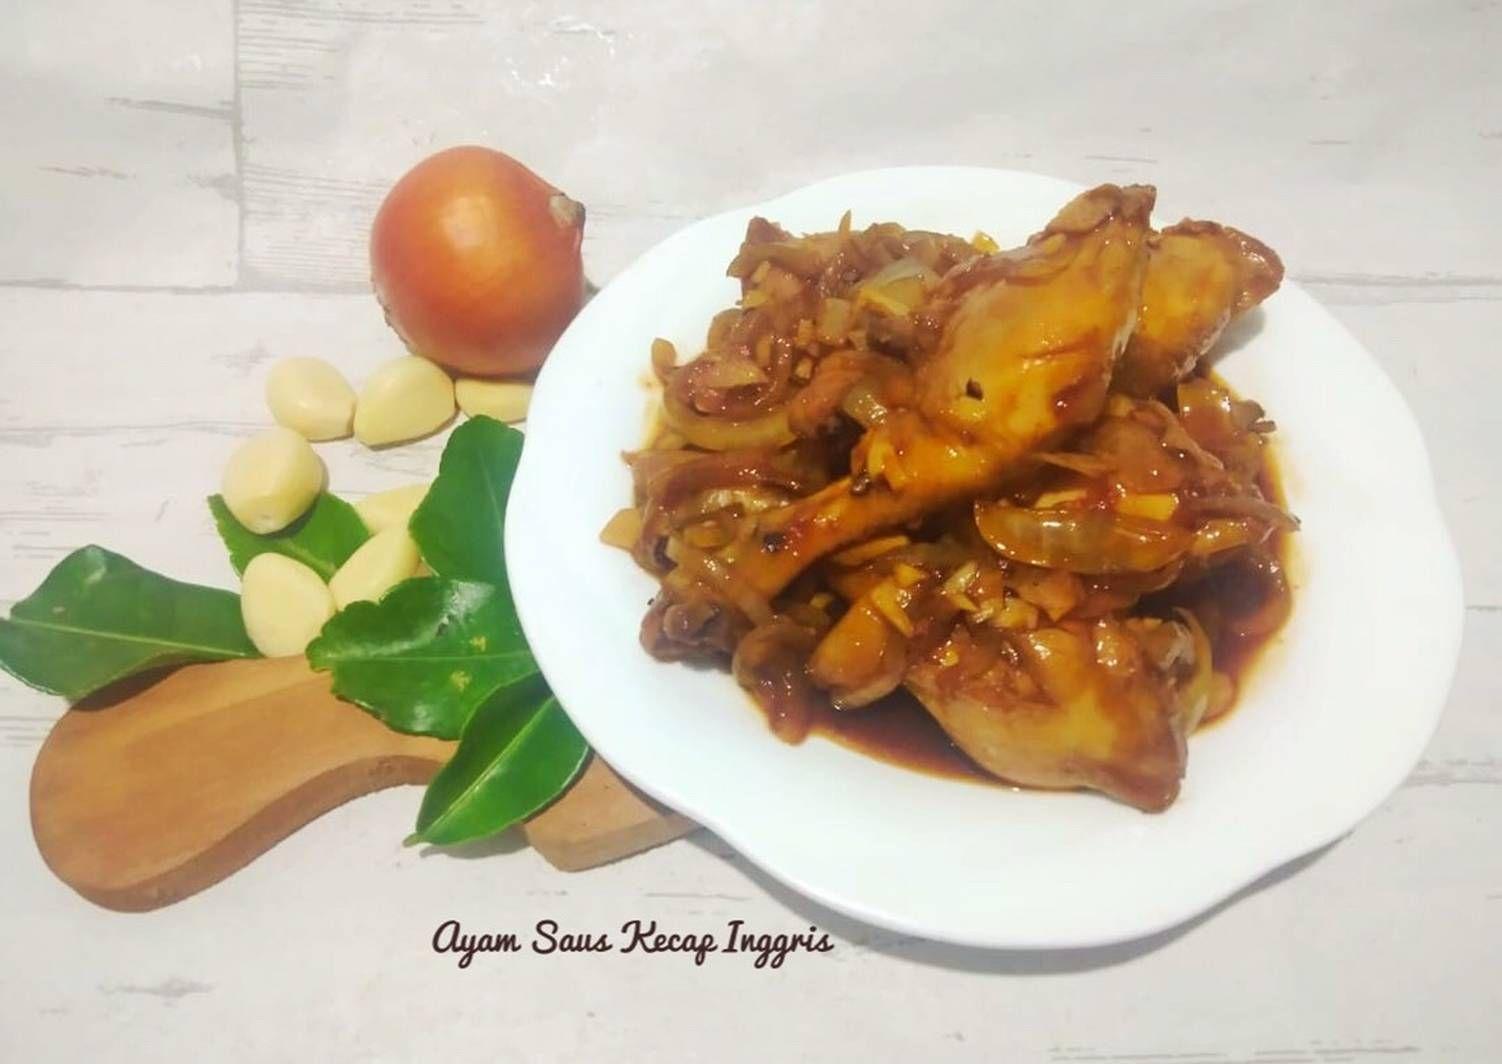 Resep Ayam Saus Kecap Inggris Recook Nana Hanif Oleh Phie Kitchen Resep Resep Ayam Kecap Inggris Ayam